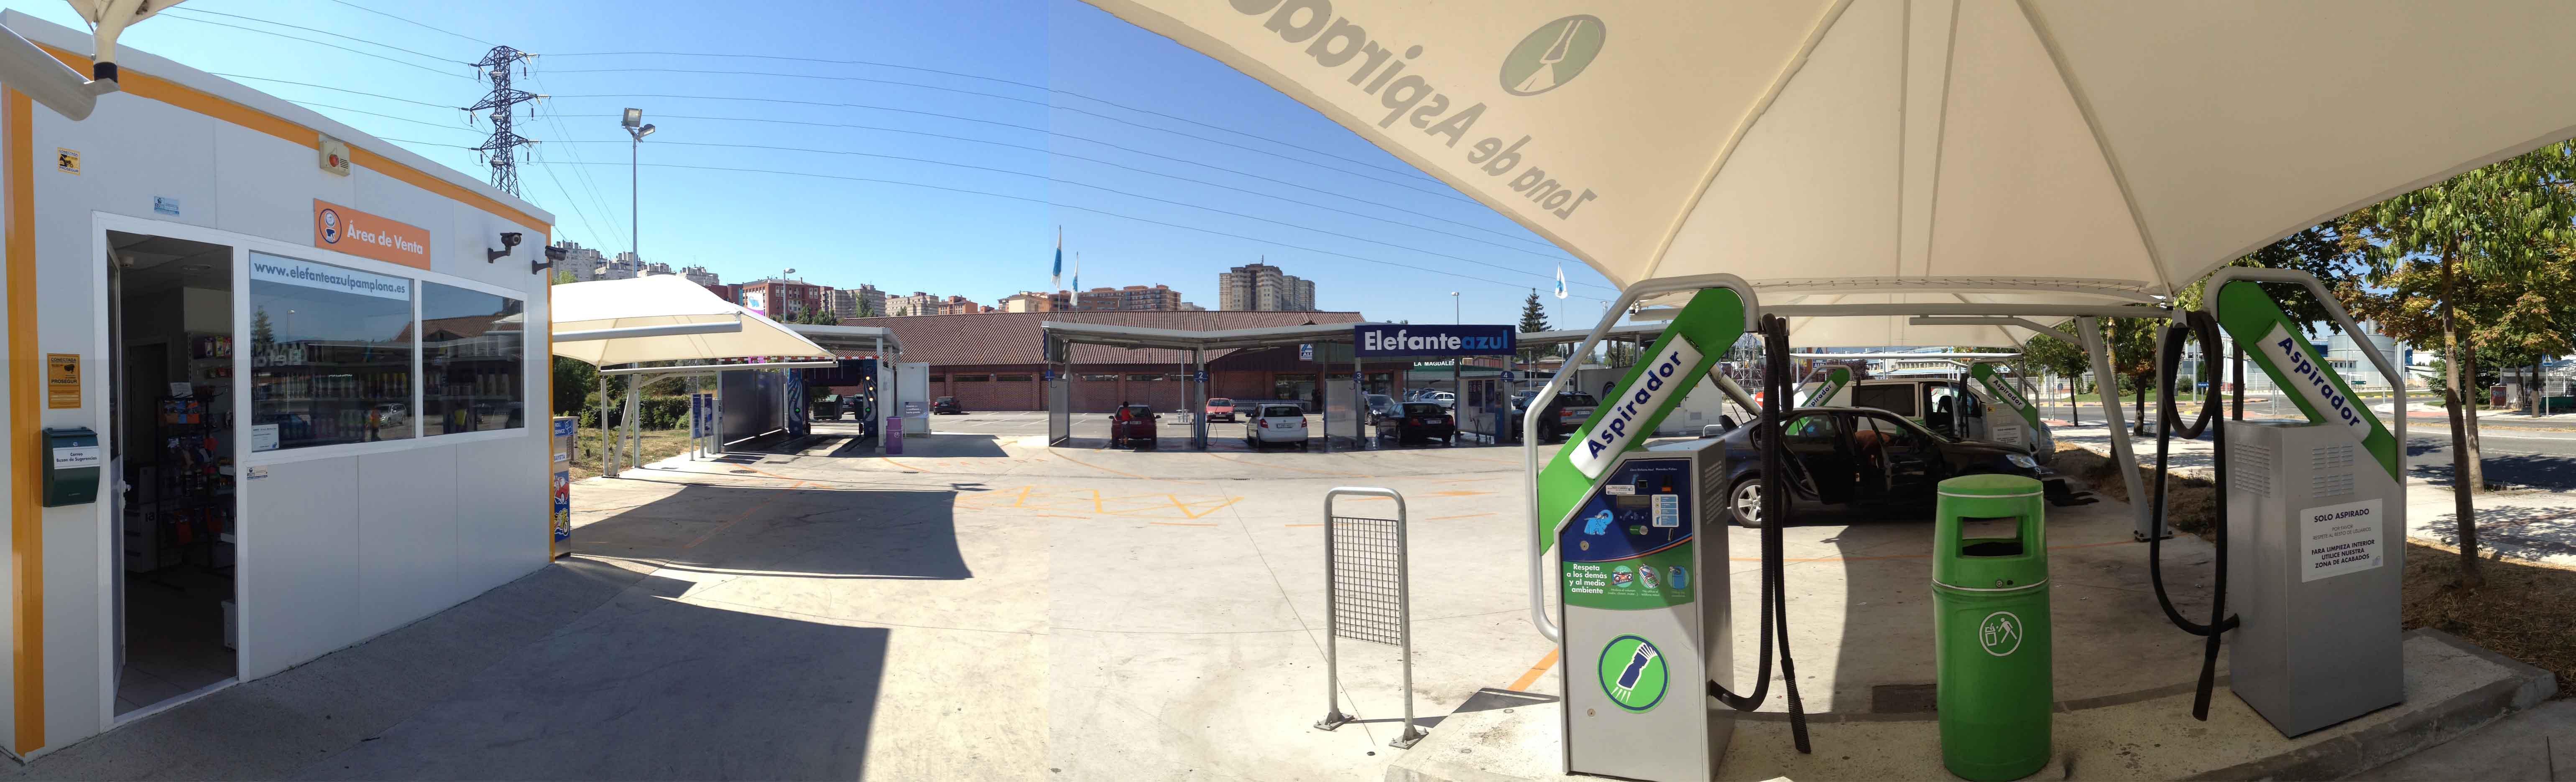 Centro de lavado de coches Elefante Azul Pamplona